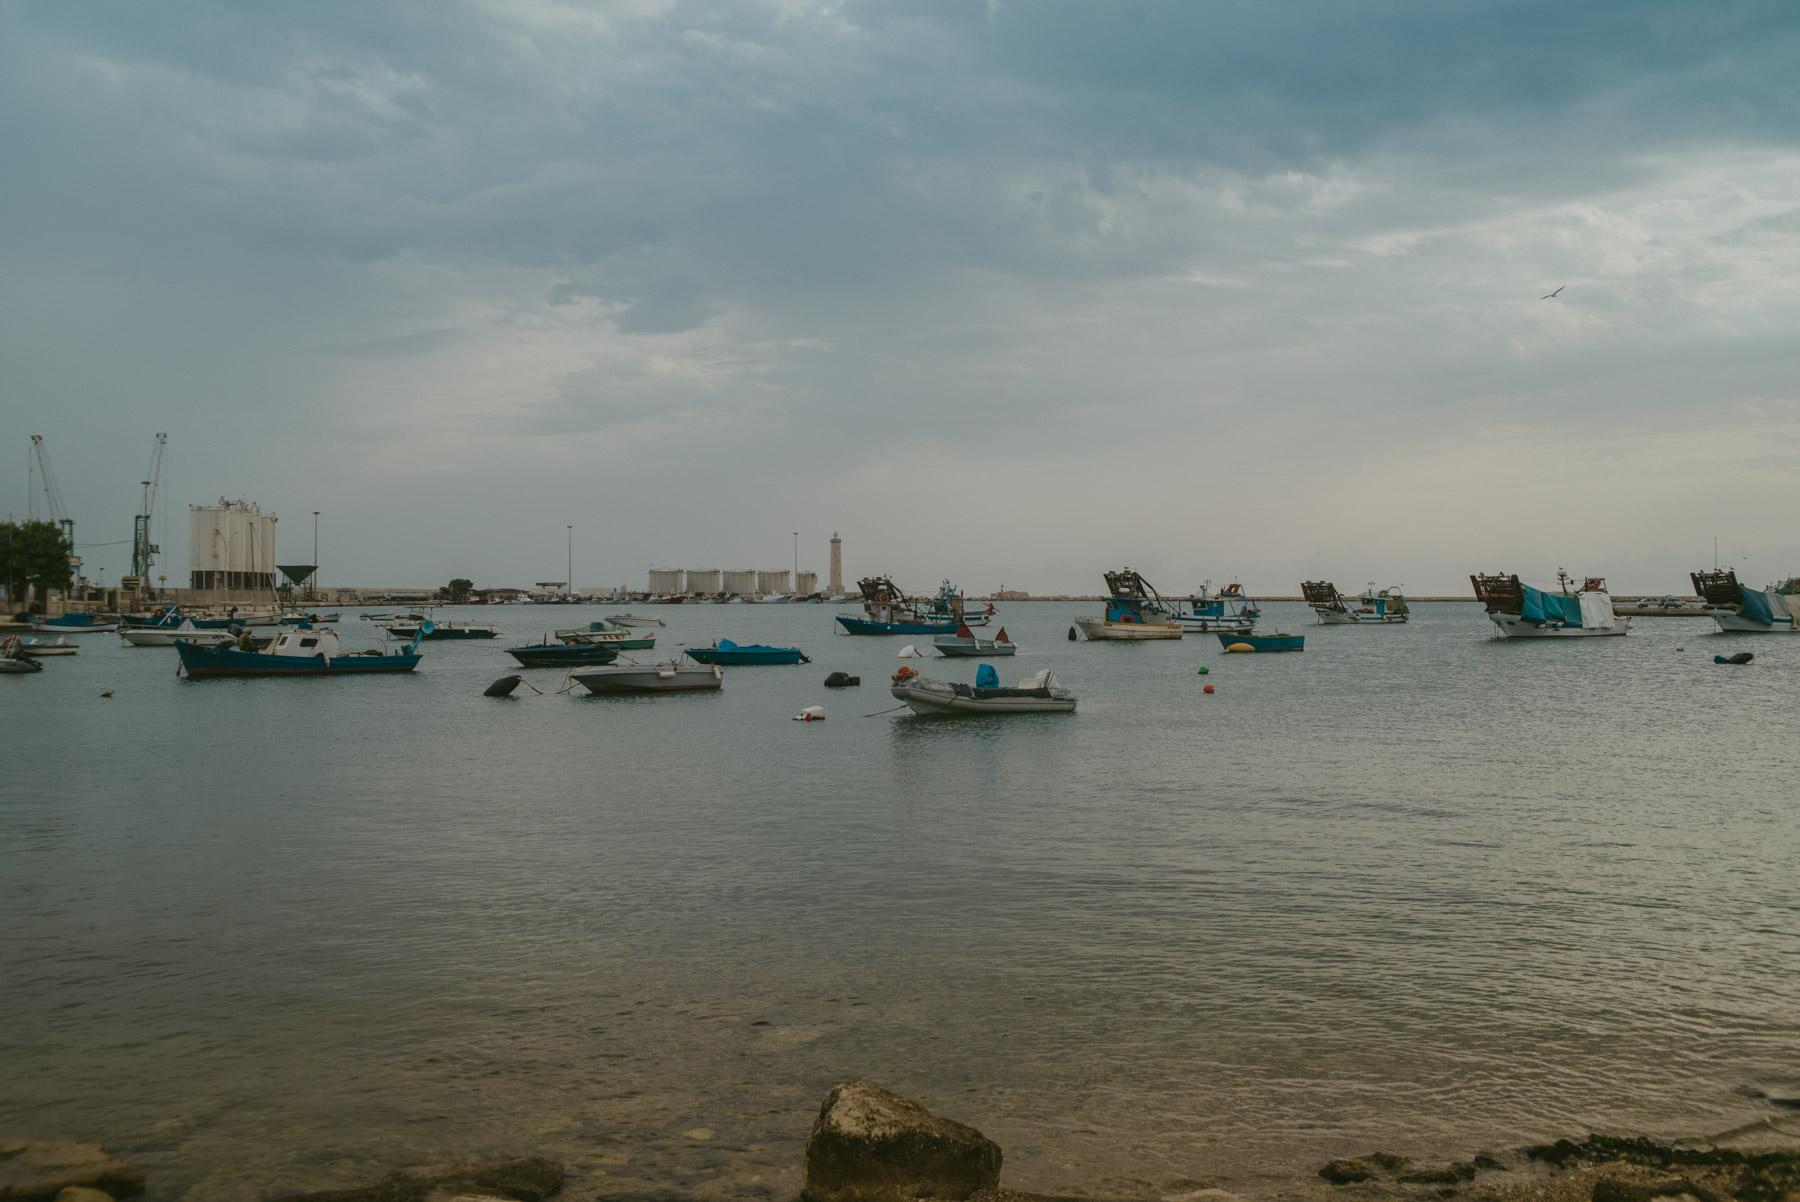 Il porto a barletta con barche piccole in una giornata calma e grigia e nuvolosa - The harbour of Barletta with small ships during a grey moody and cloudy day